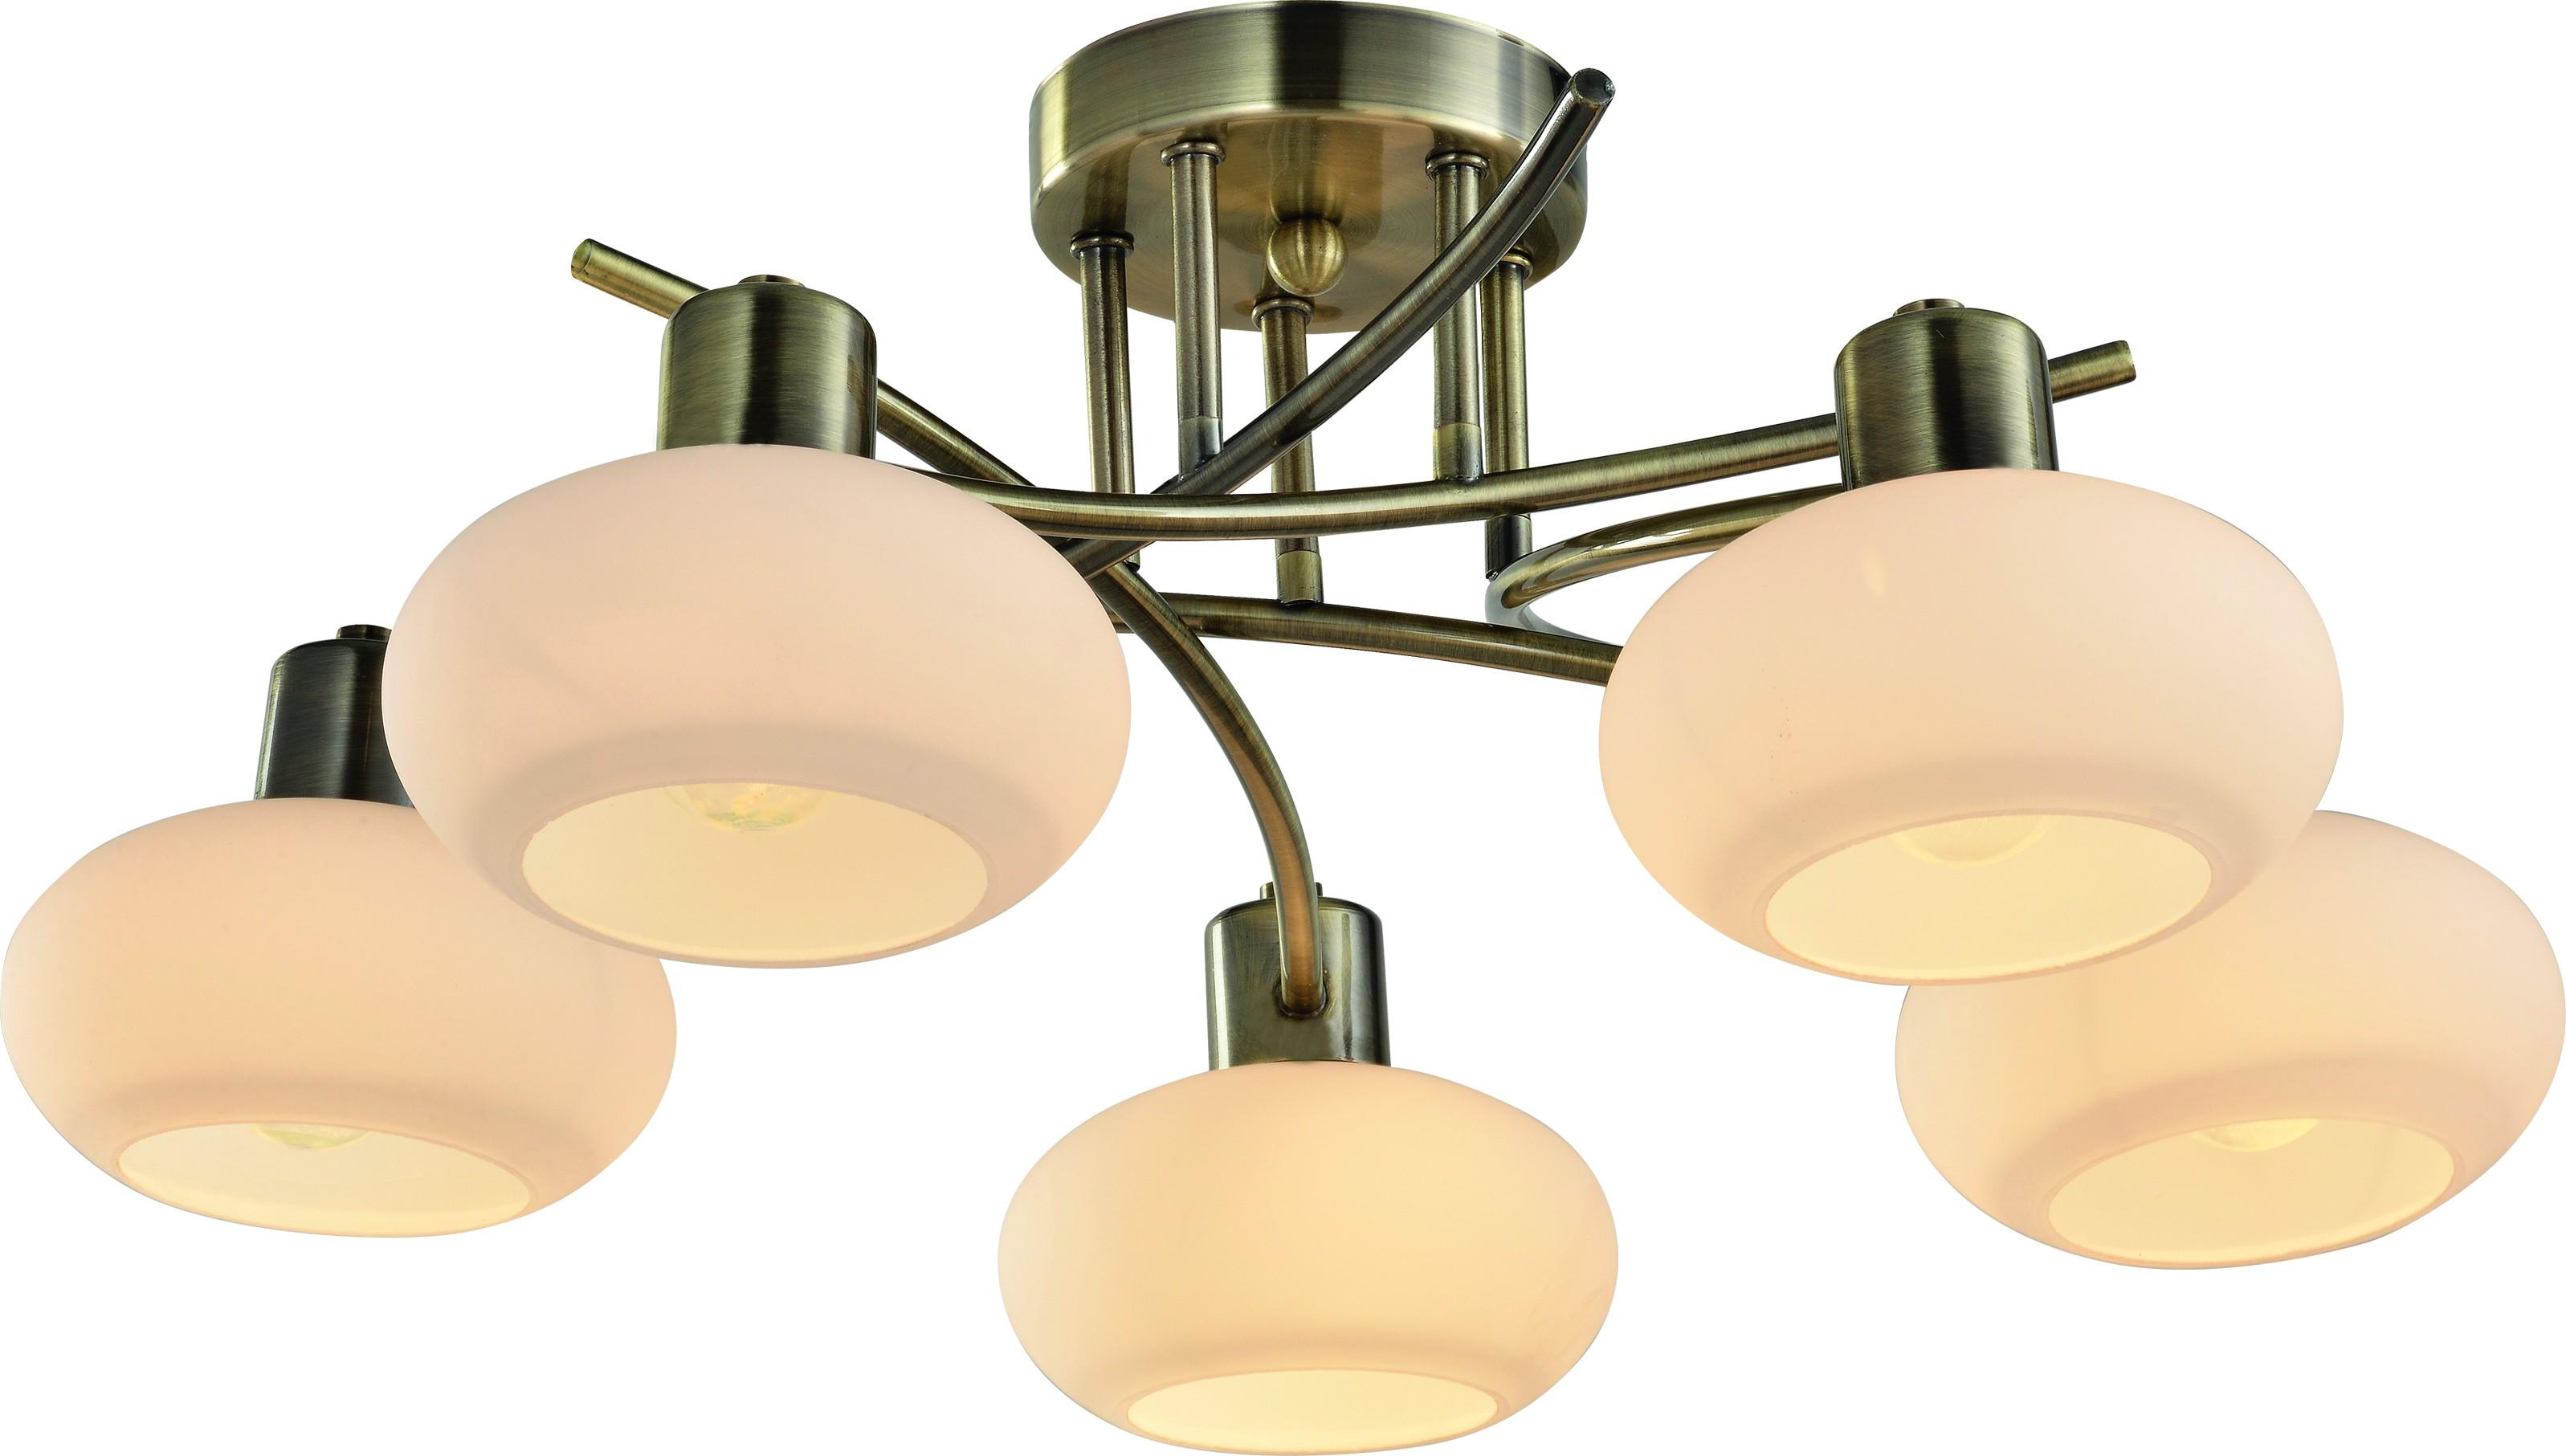 Люстра Arte lamp A7556pl-5ab arte lamp люстра arte lamp a7556pl 5ab